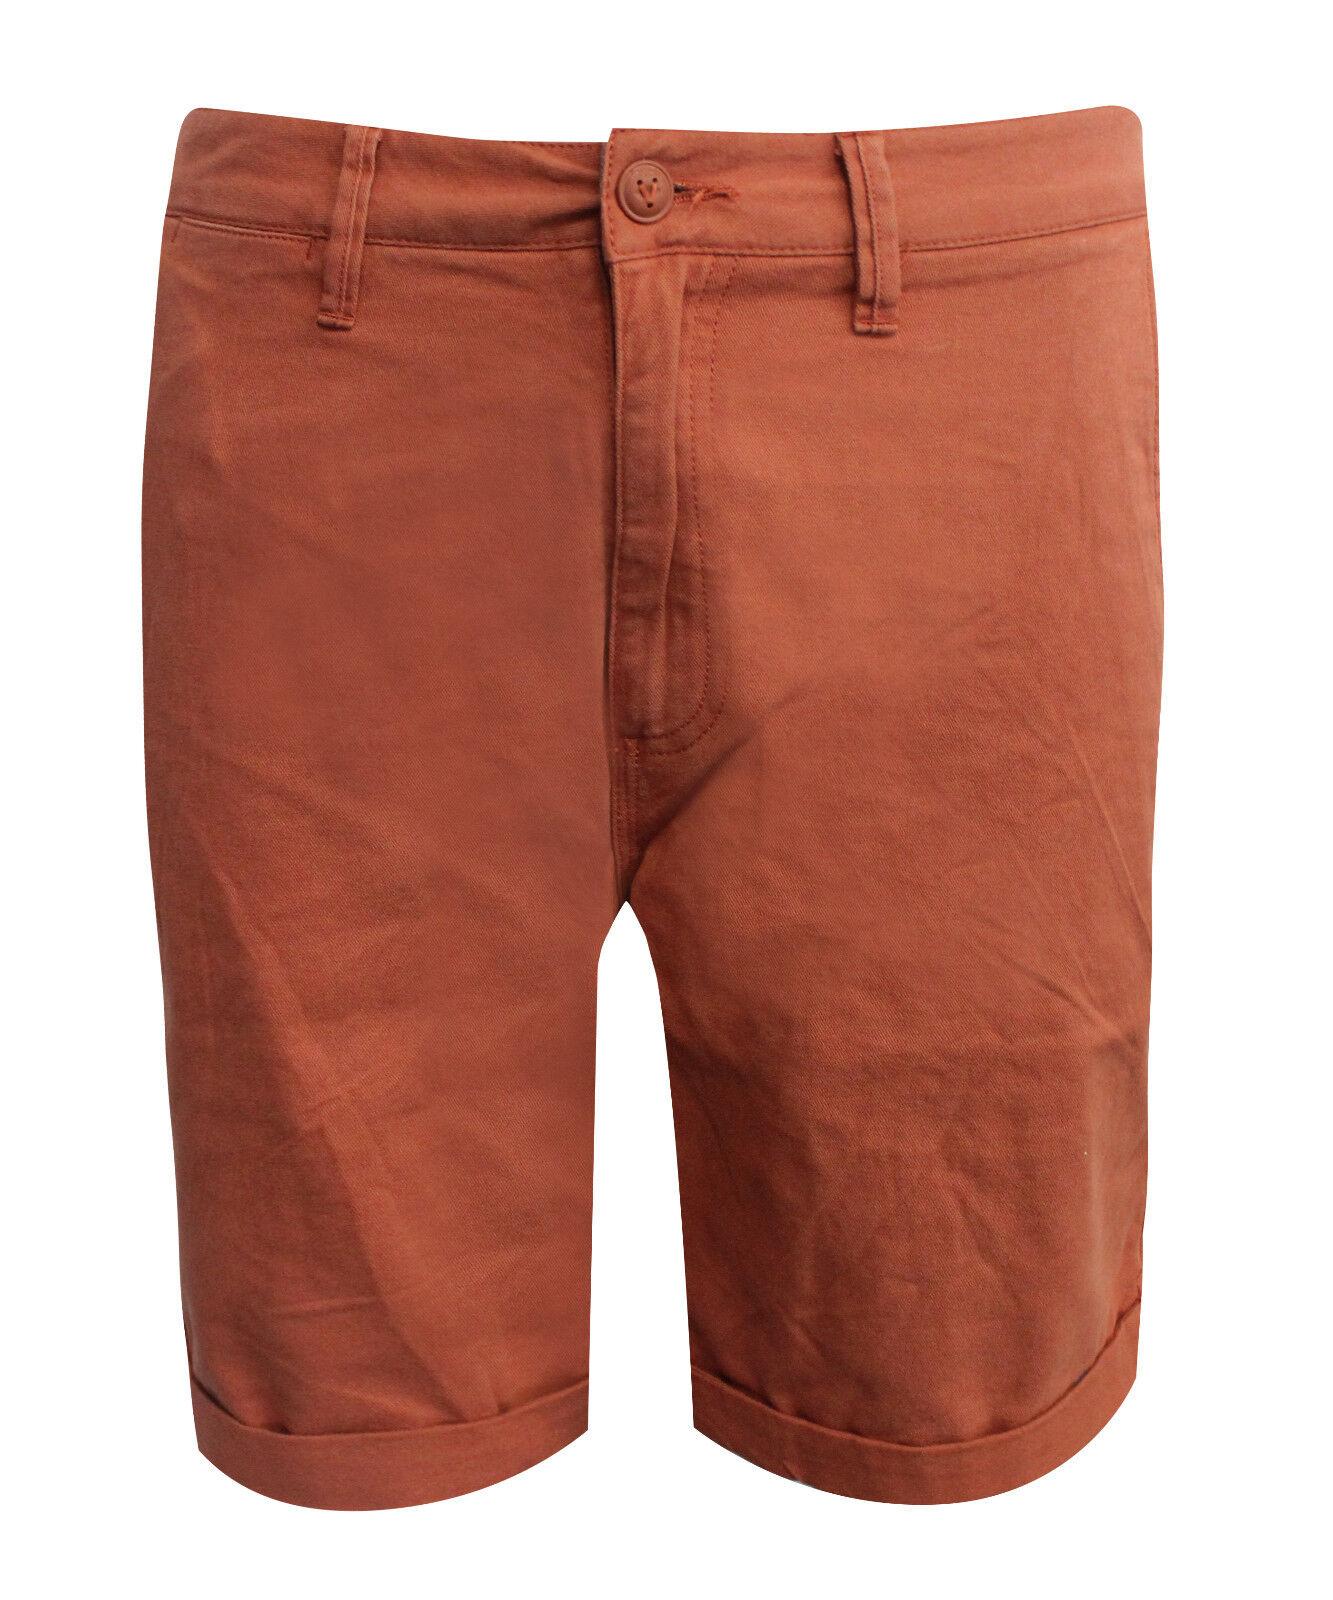 Vans Off The Wall Otw Burnt Orange Baumwolle Herren Freizeitshorts VMEHS7E RW20 | Niedriger Preis und gute Qualität